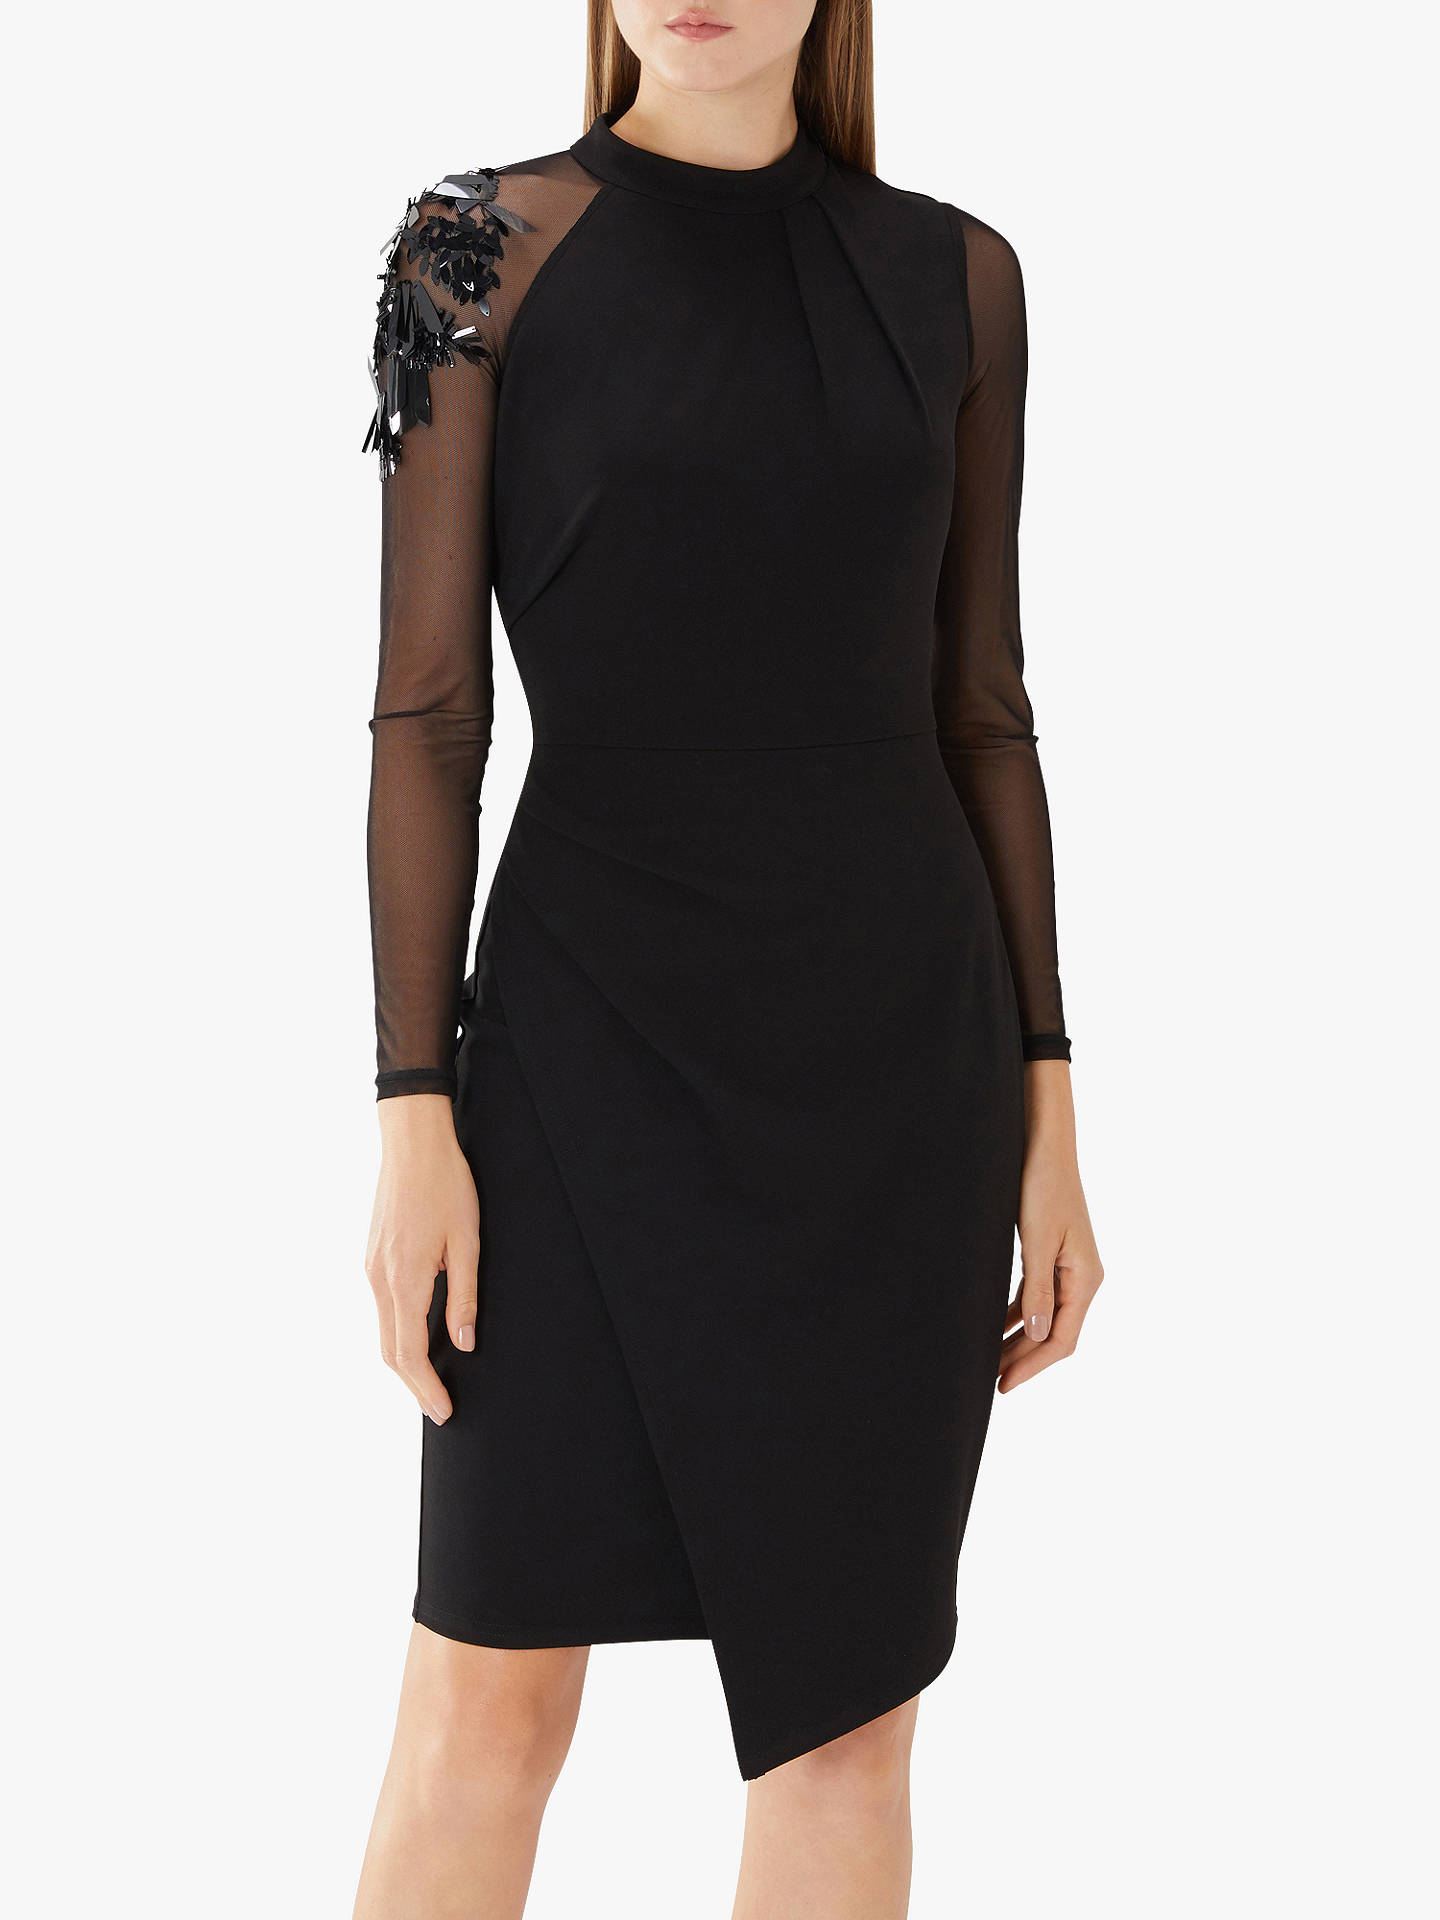 b19c79179cc5 Buy Coast Torville Cocktail Embellished Dress, Black, 6 Online at  johnlewis.com ...